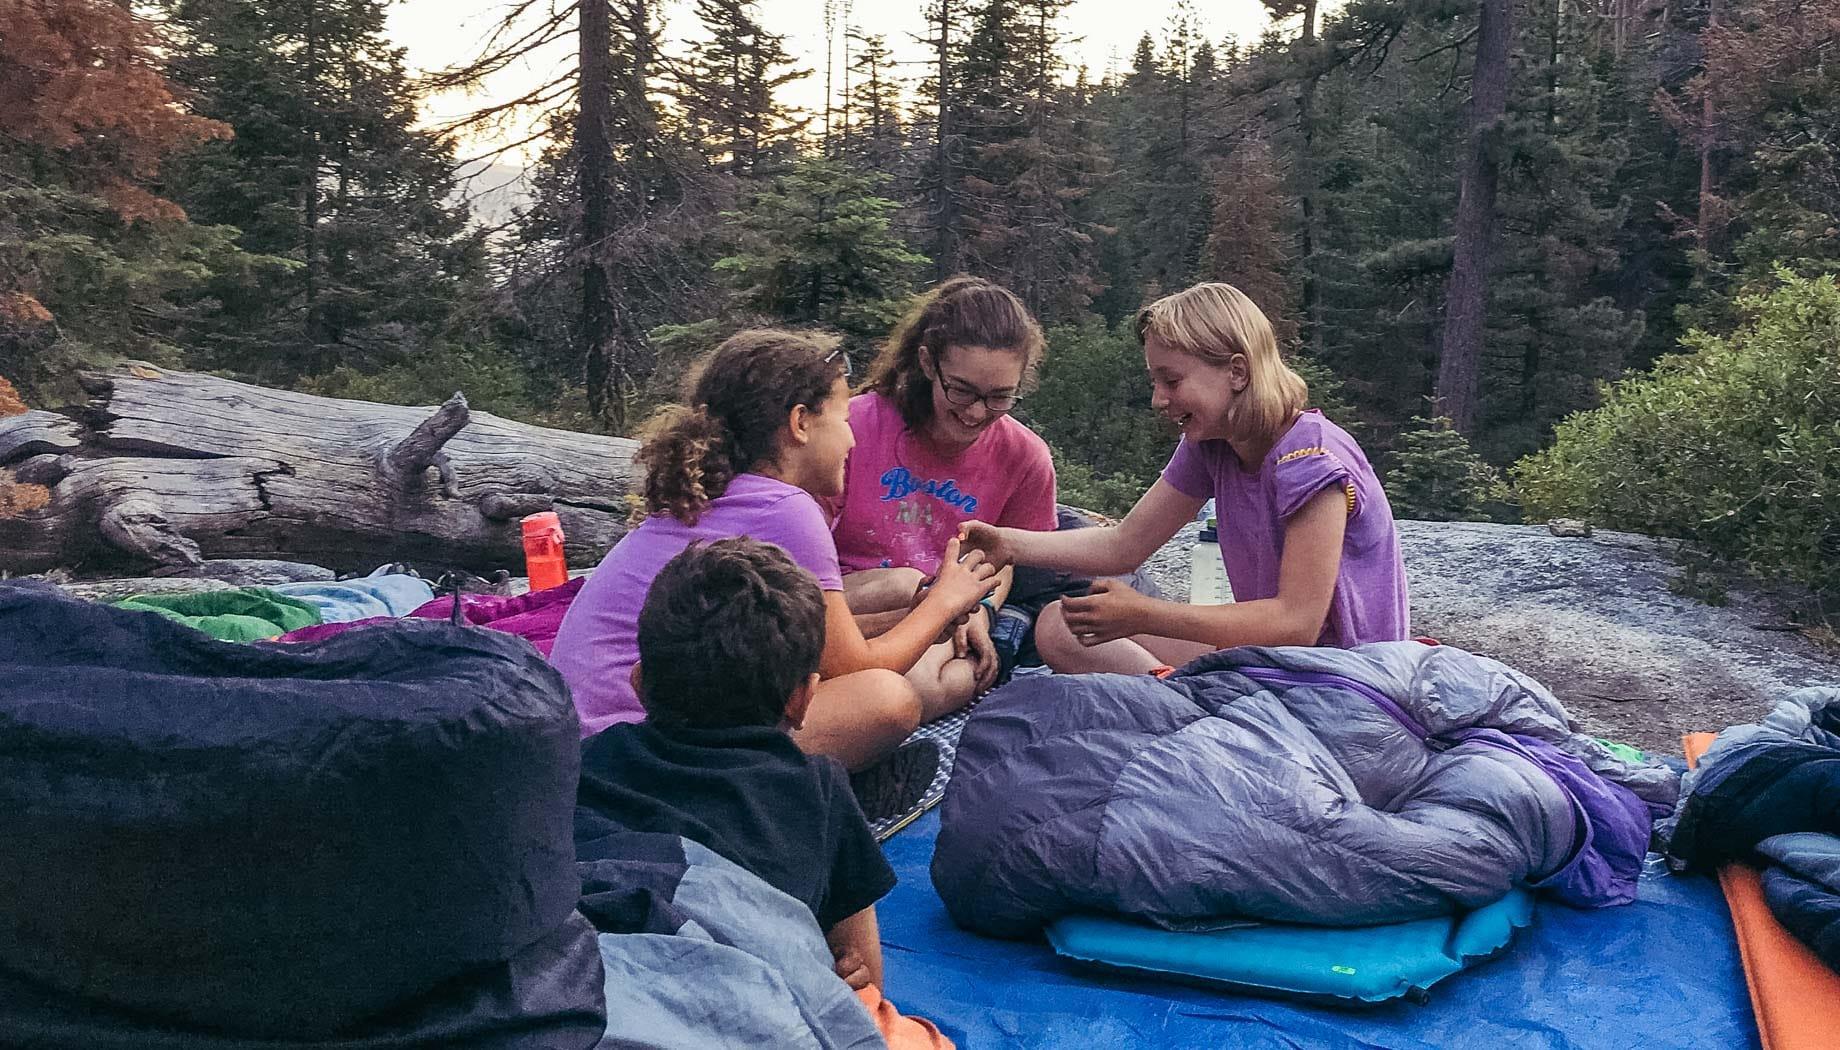 Campers on Taste of Quest in sleeping bags